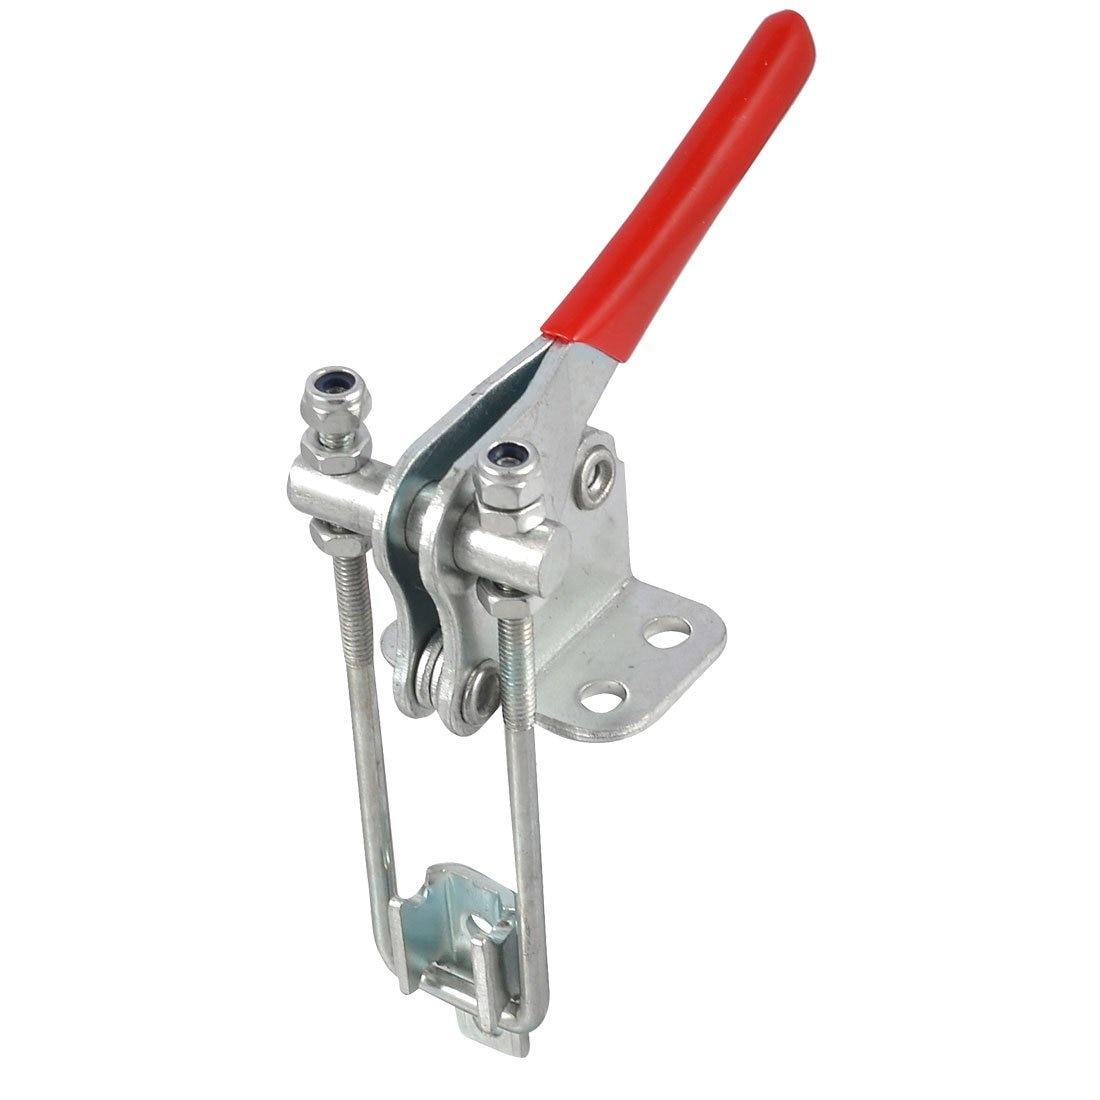 Zuversichtlich 496-pfund Halten Kapazität Metall Latch Aktion Toggle Clamp Belebende Durchblutung Und Schmerzen Stoppen Zangen